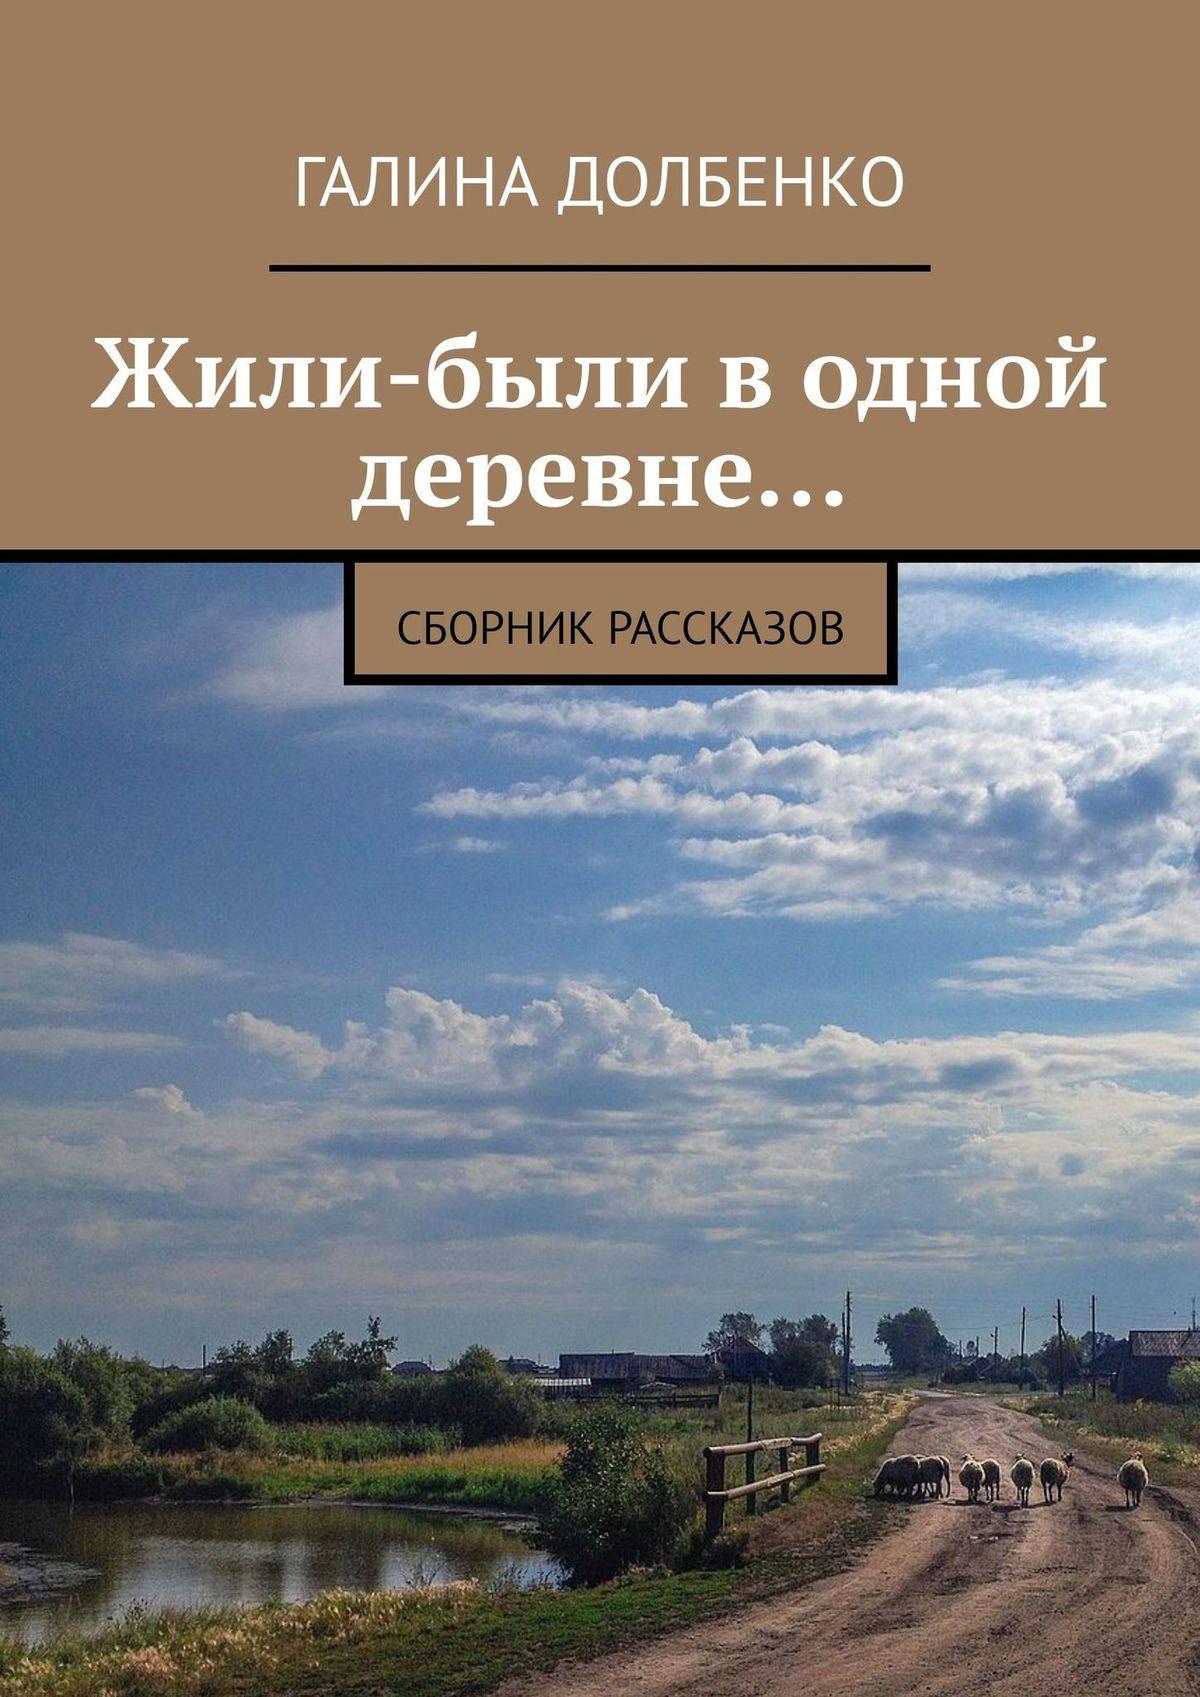 Жили-были в одной деревне… Сборник рассказов